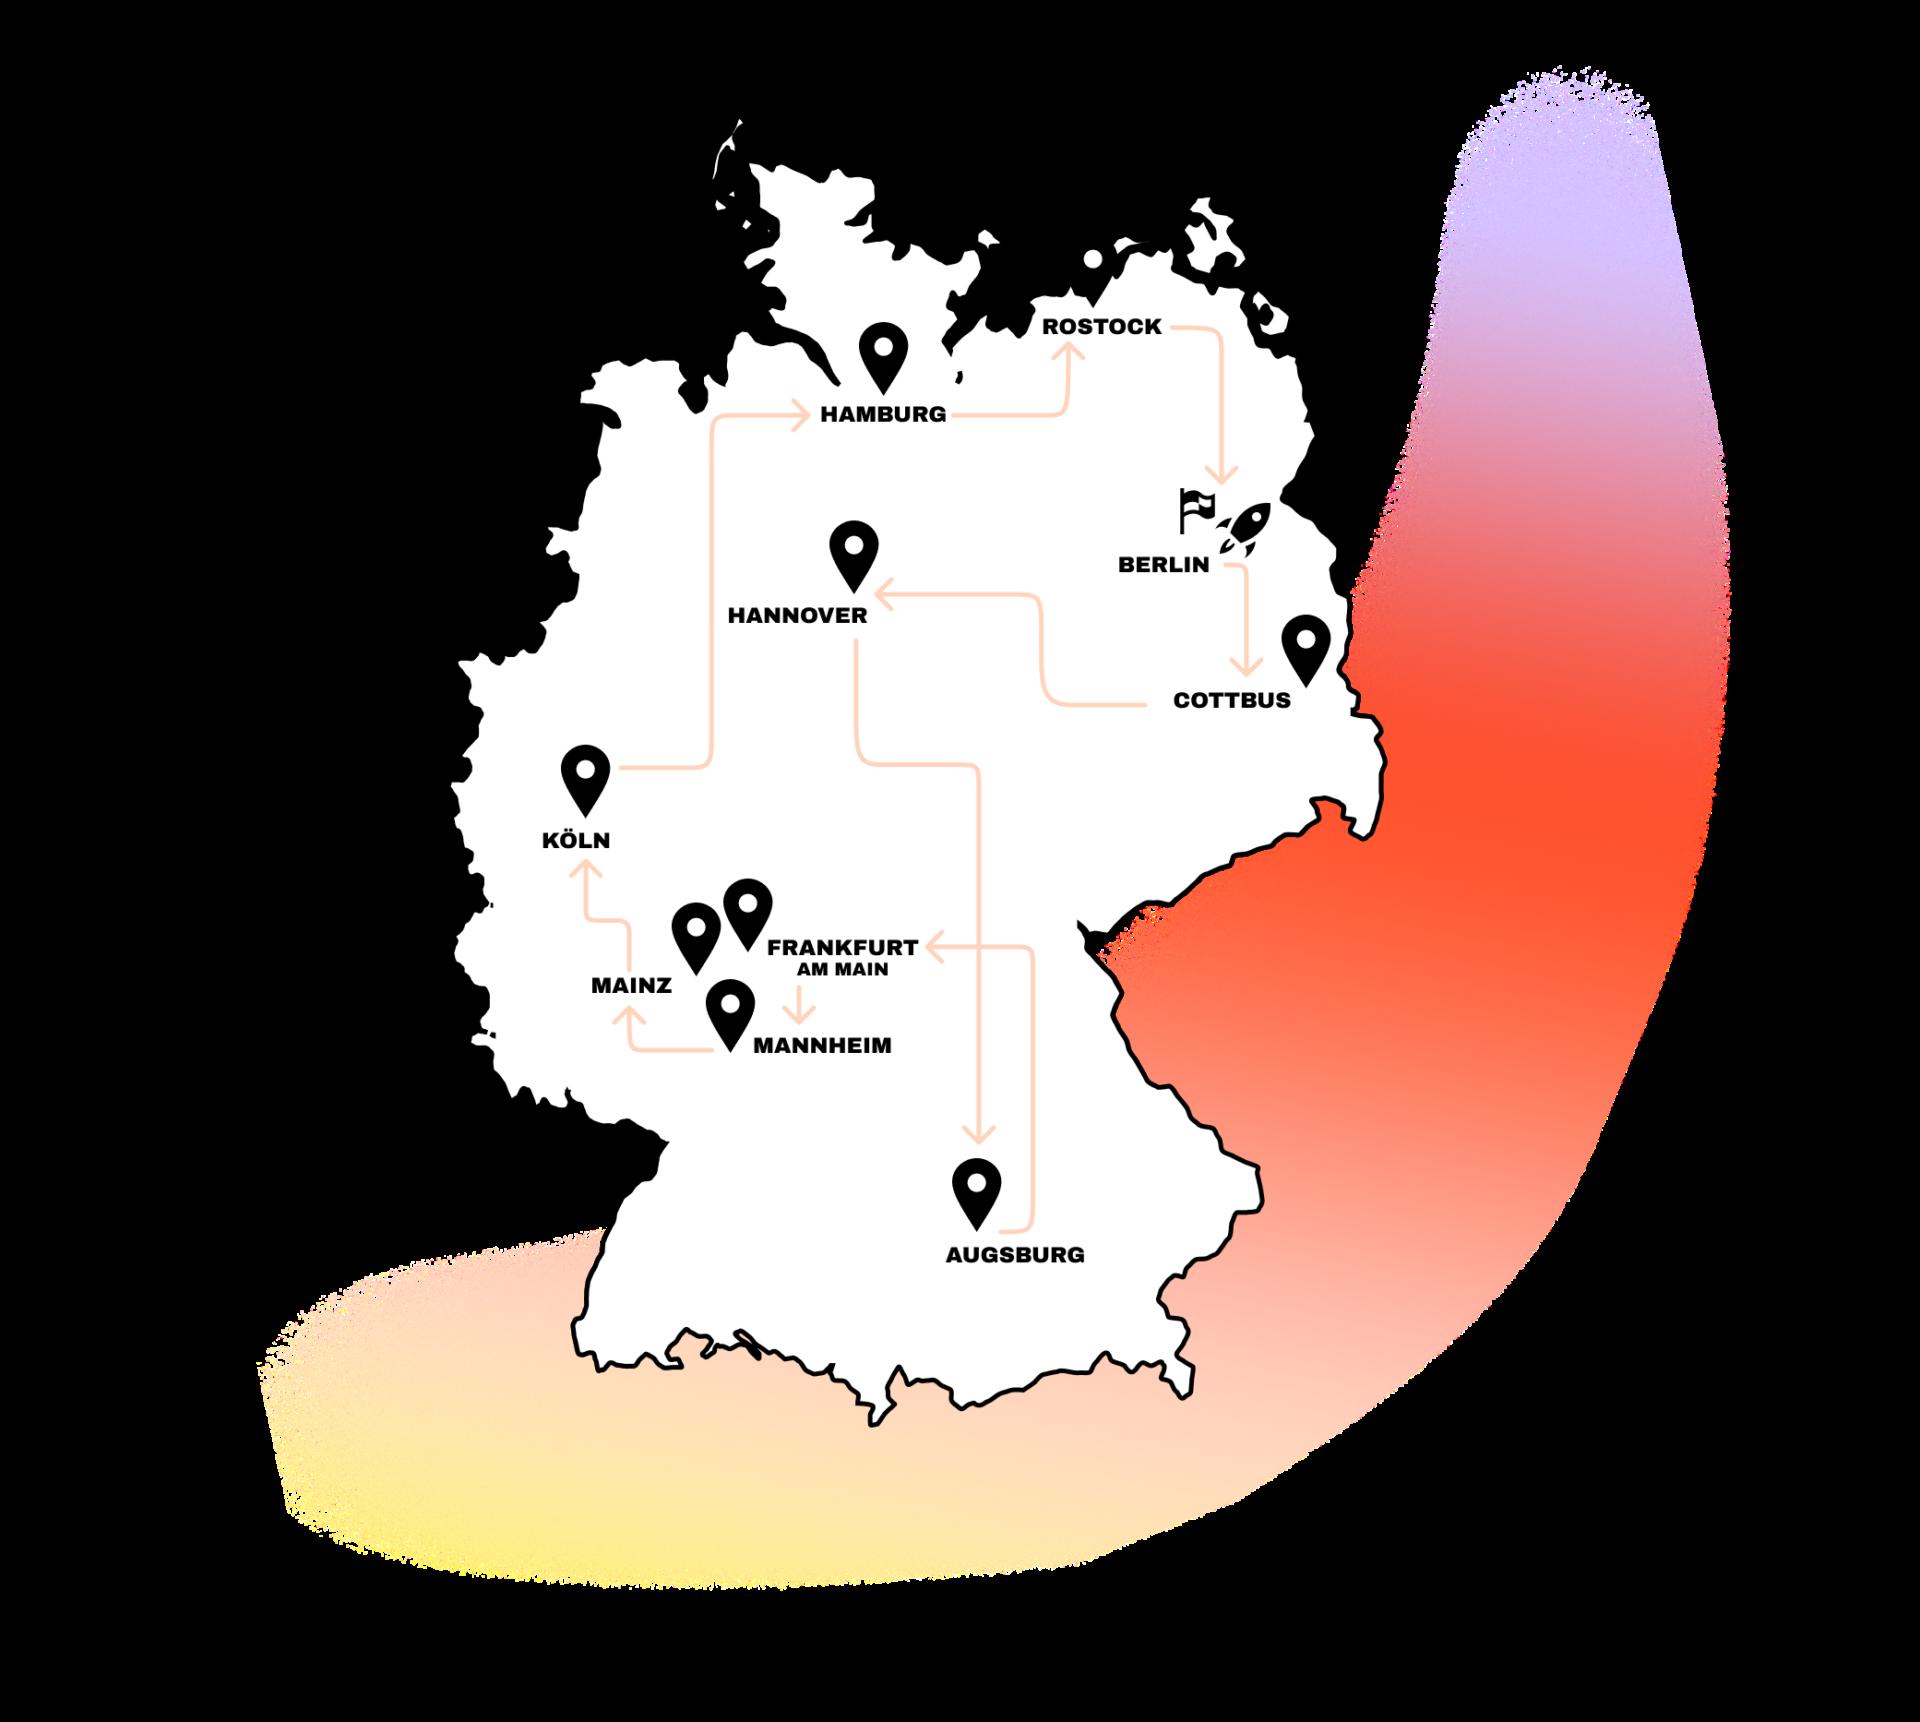 Deutschlandkarte mit Stops der Tour